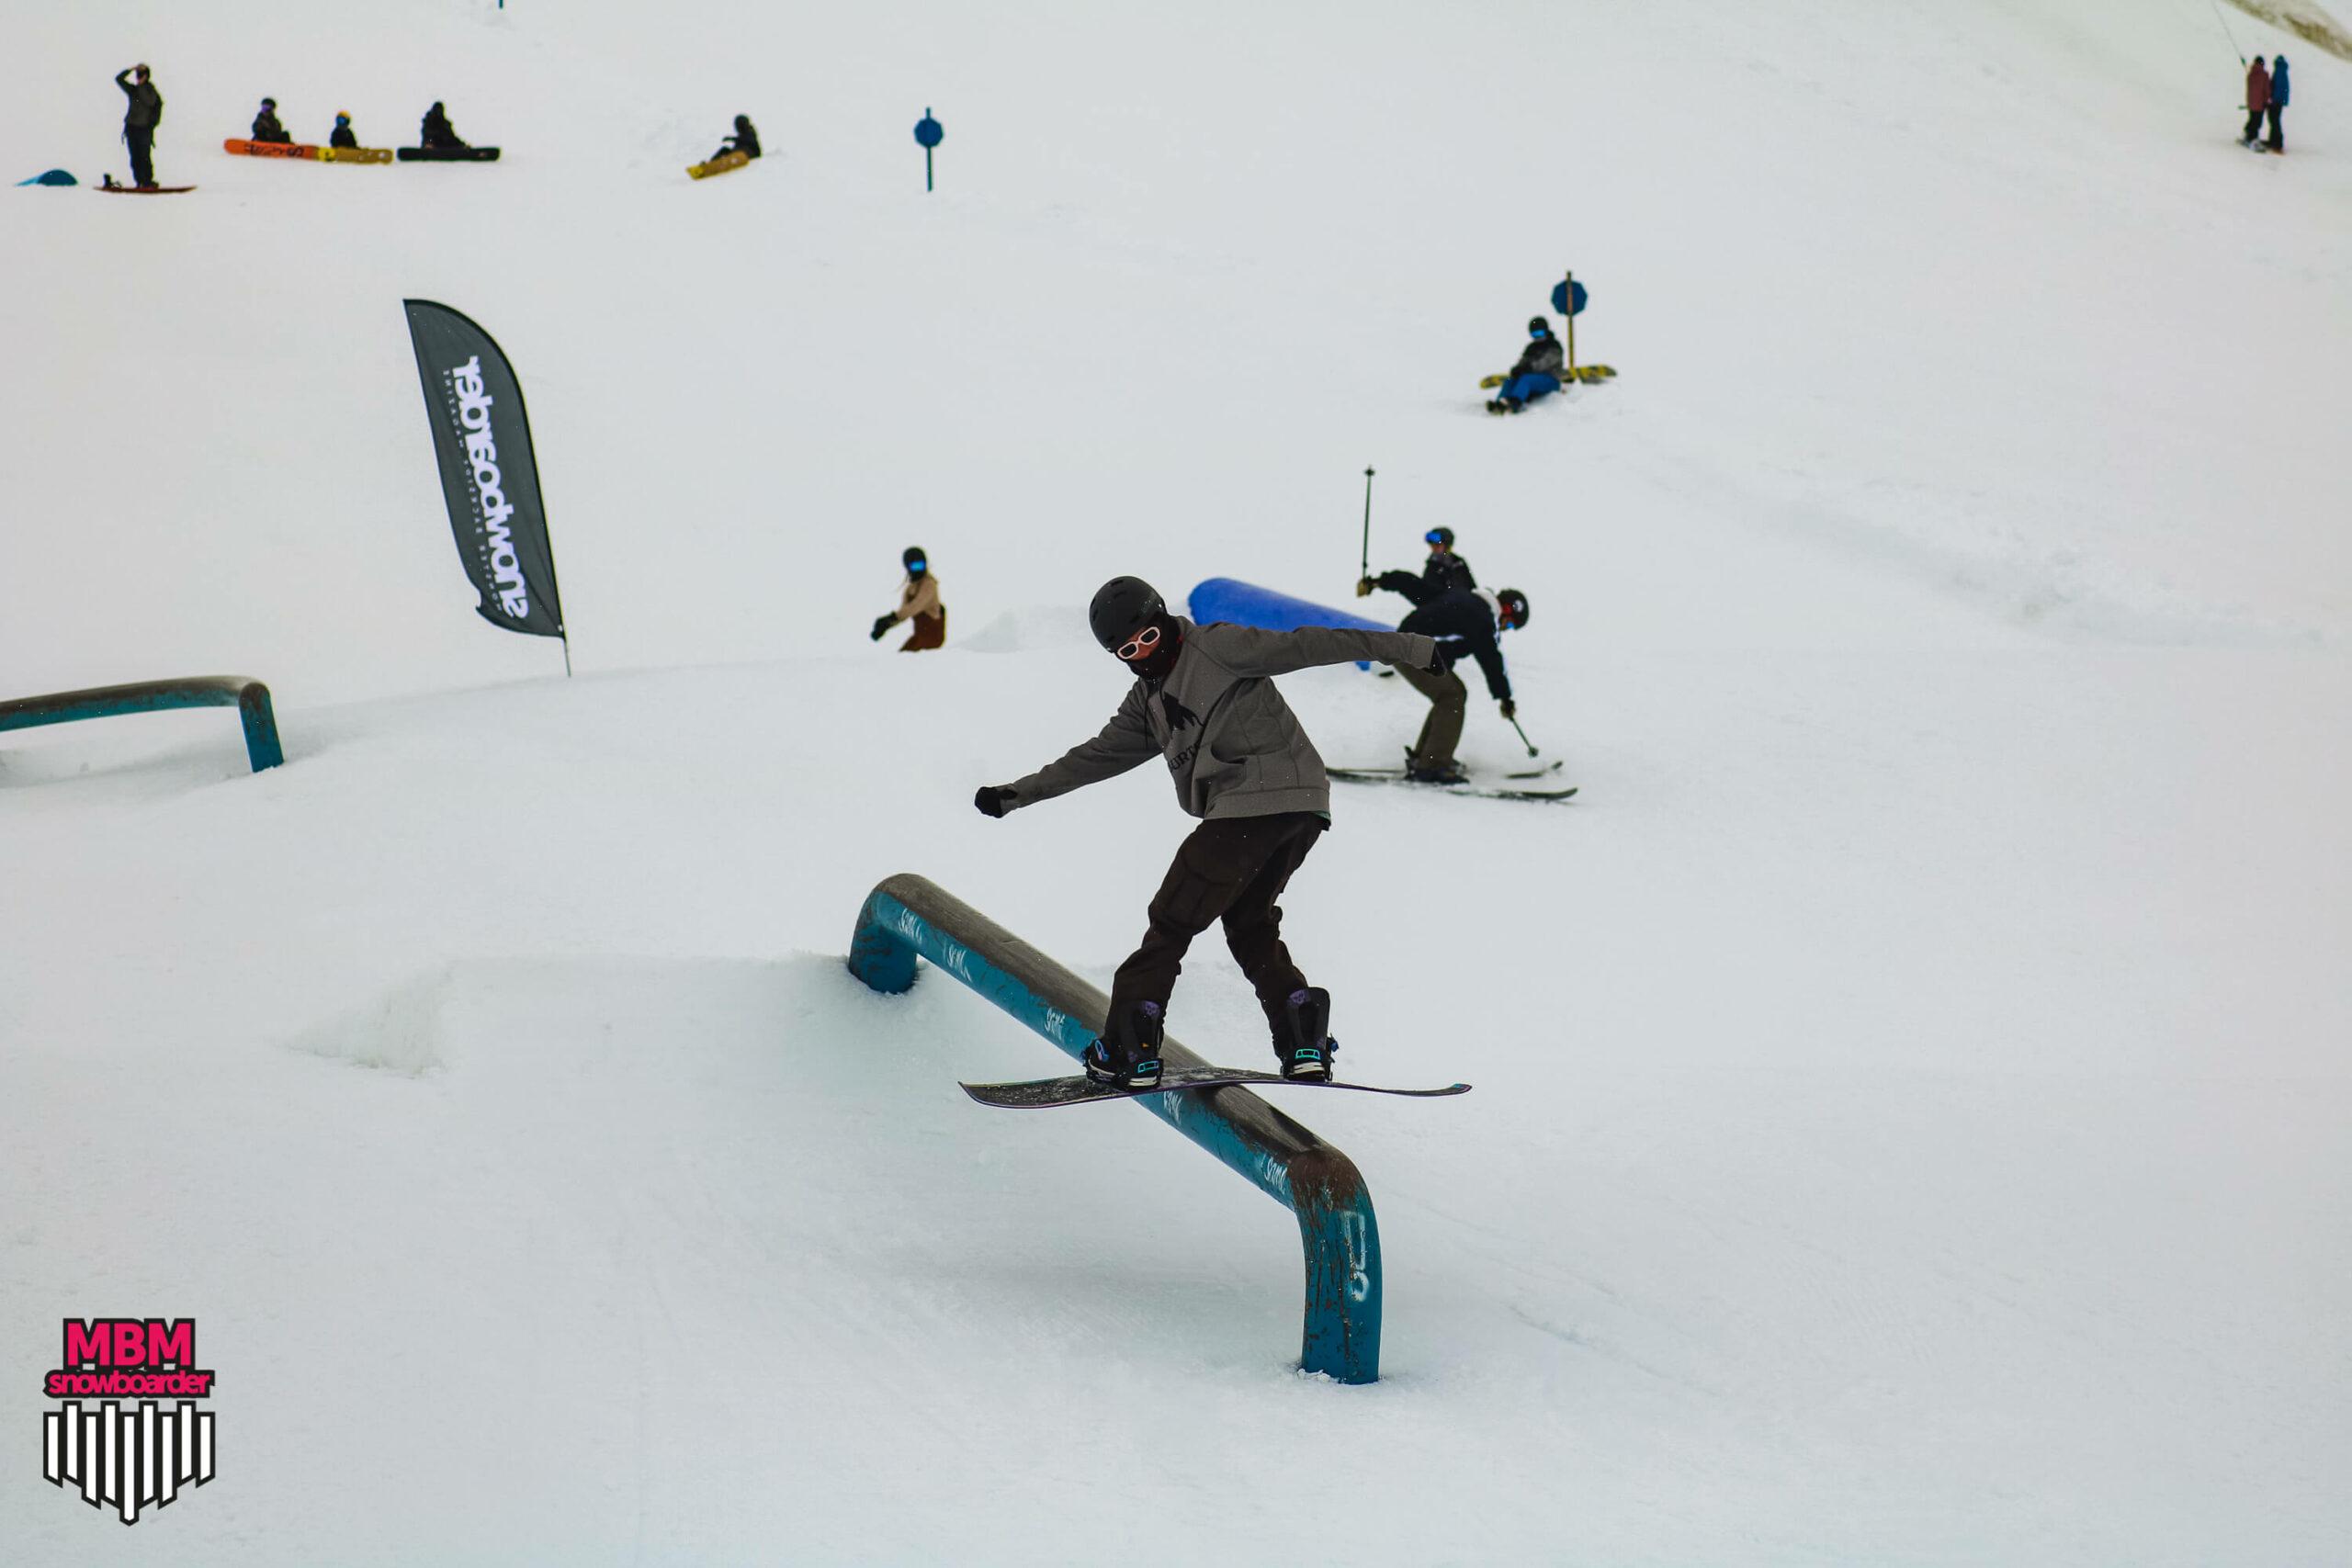 snowboarderMBM_sd_kaunertal_043